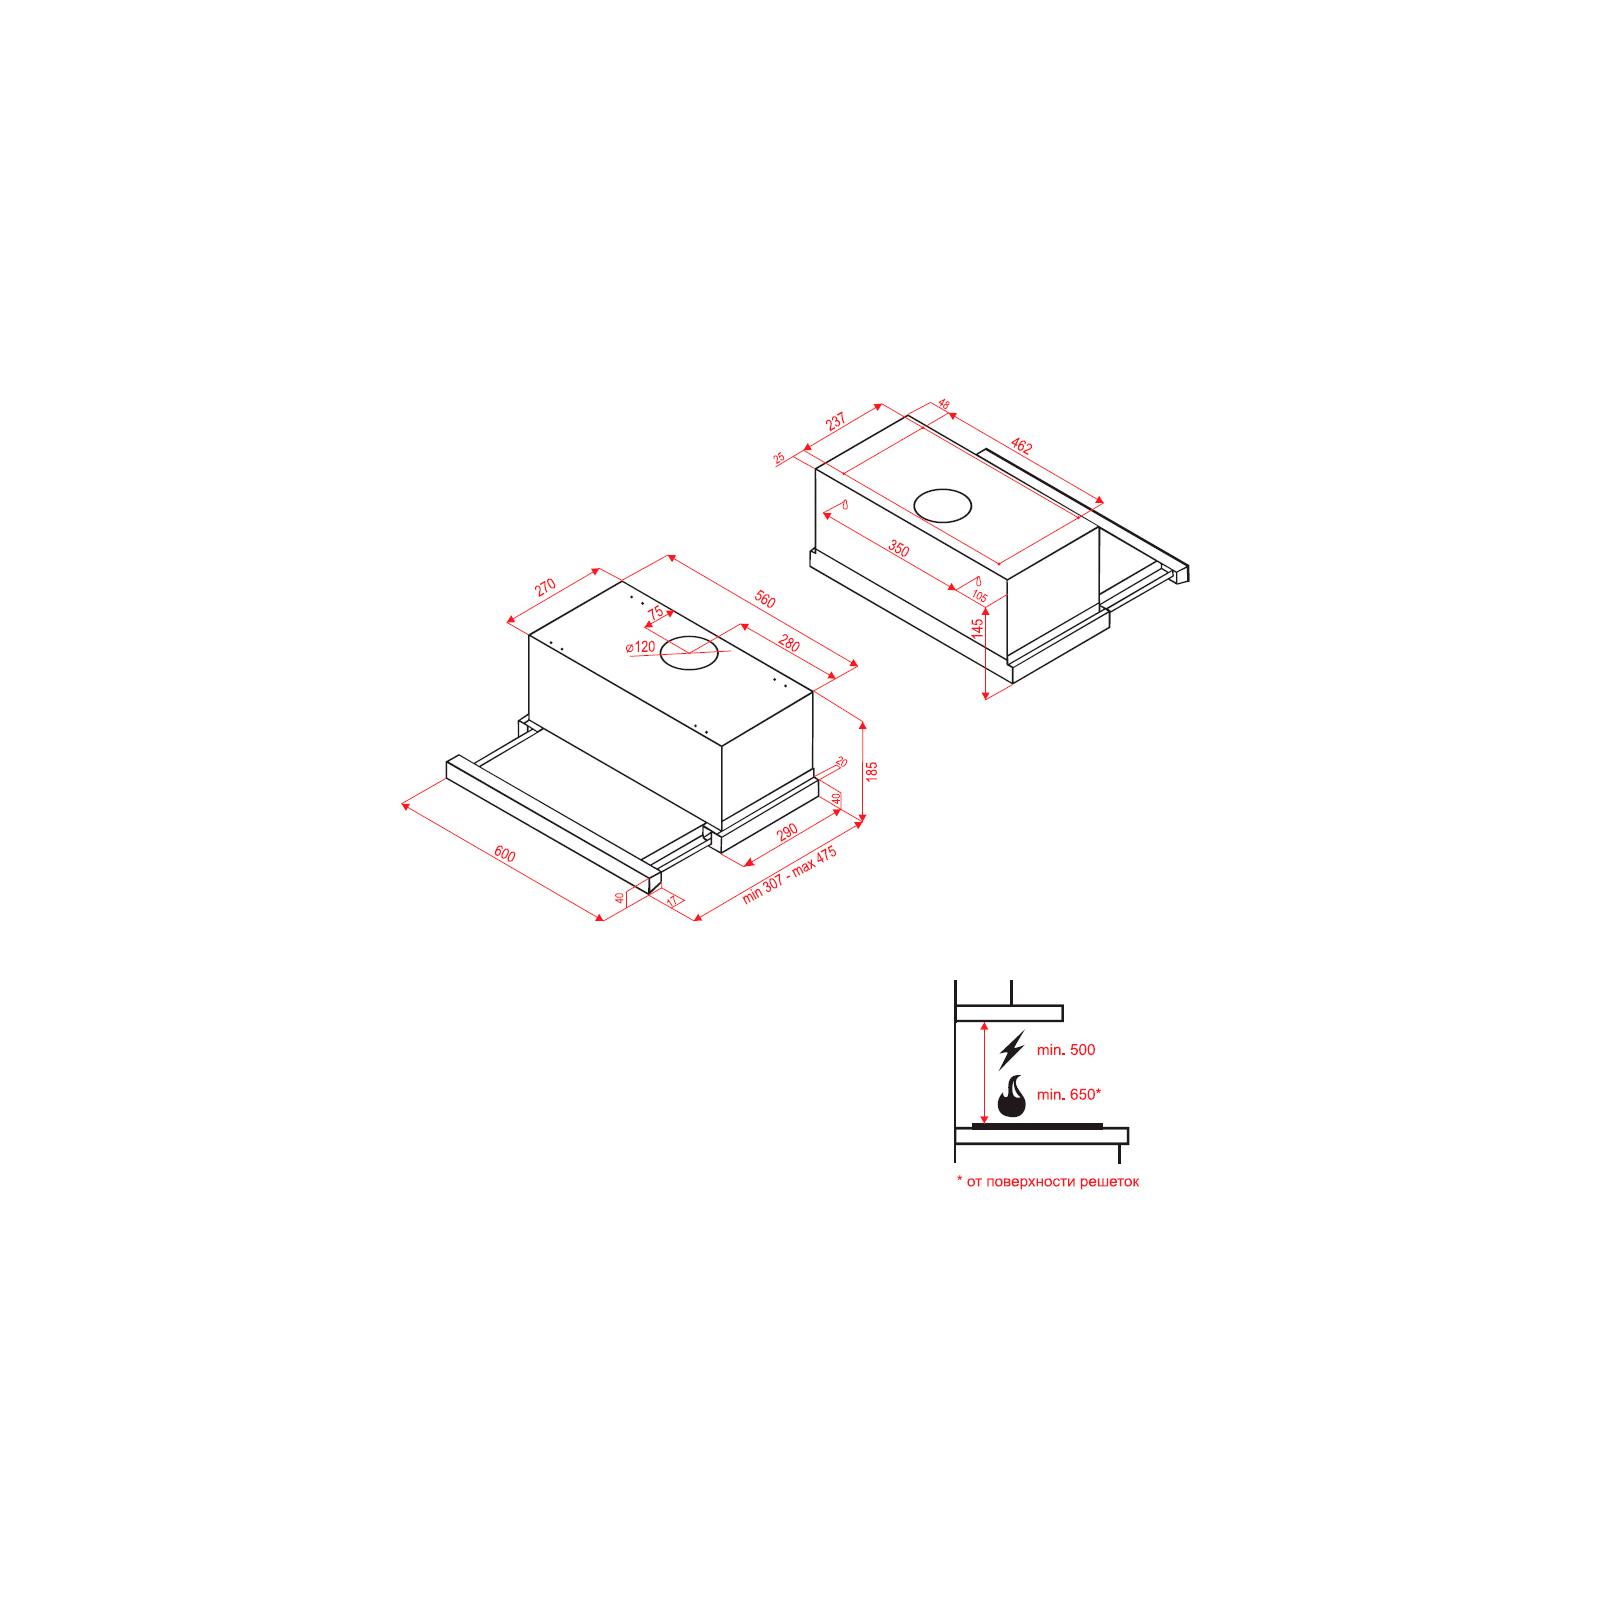 Вытяжка кухонная PERFELLI TL 6611 IV изображение 8